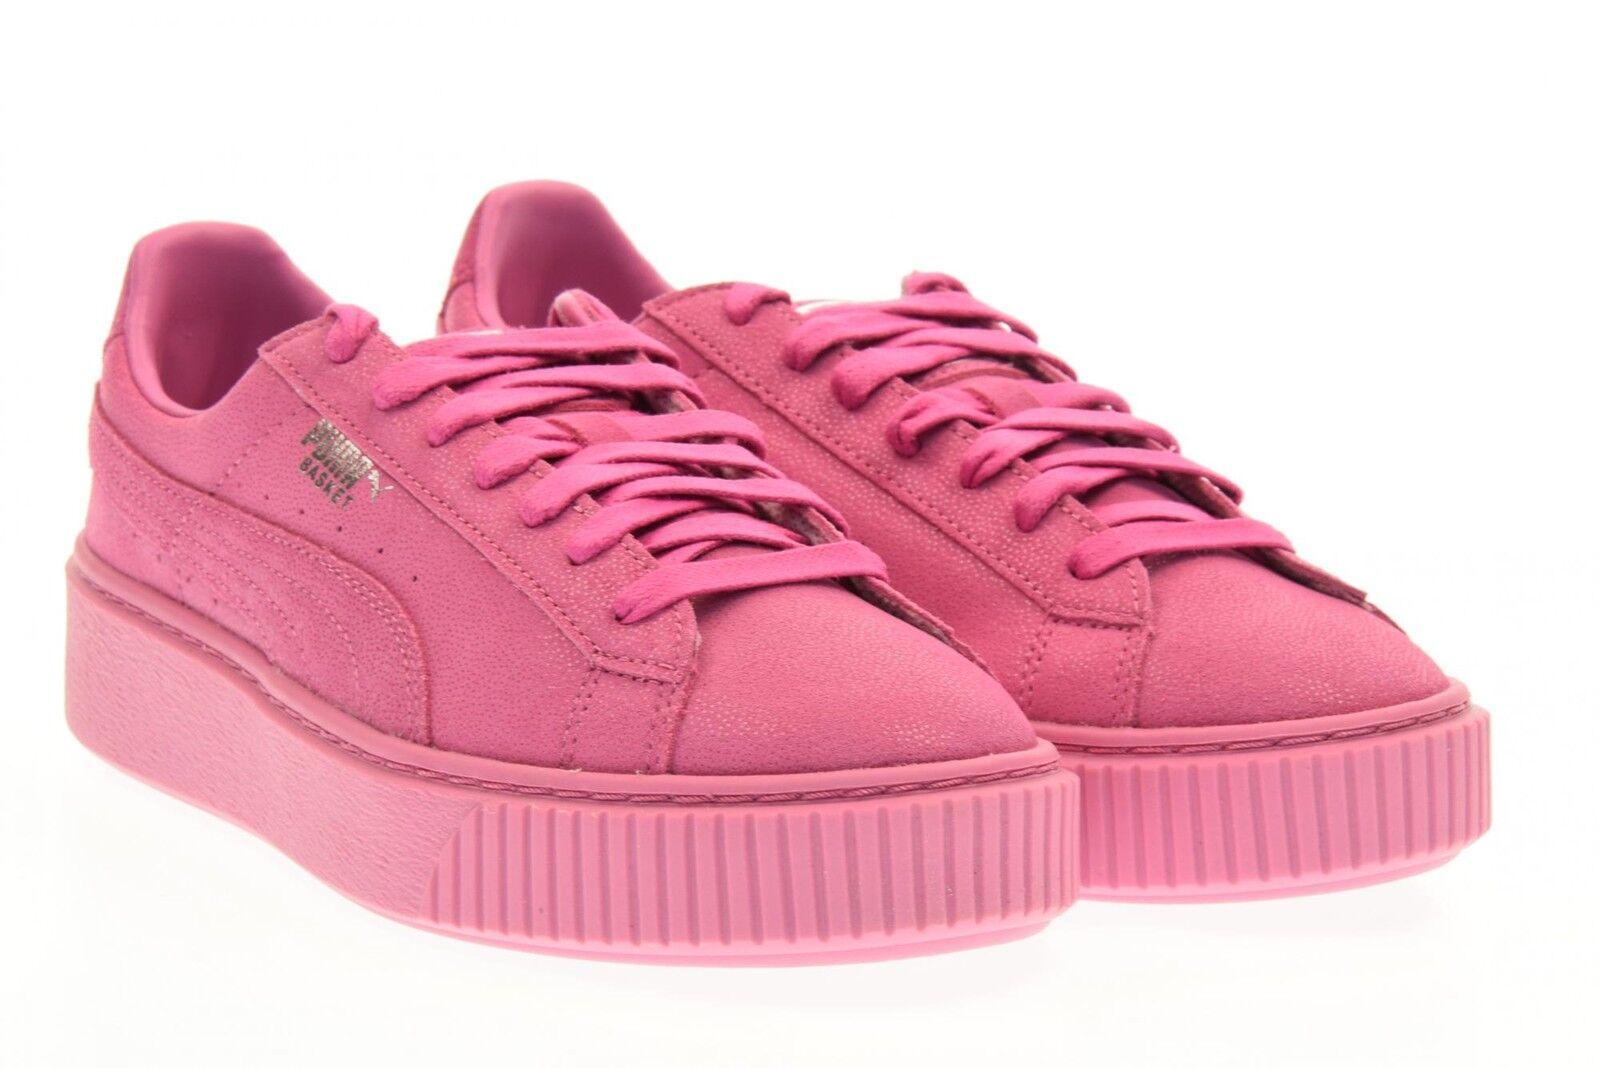 Puma scarpe donna scarpe da ginnastica PLATFORM piattaforma 363313 02 BASKET PLATFORM ginnastica P17 1d1c7e